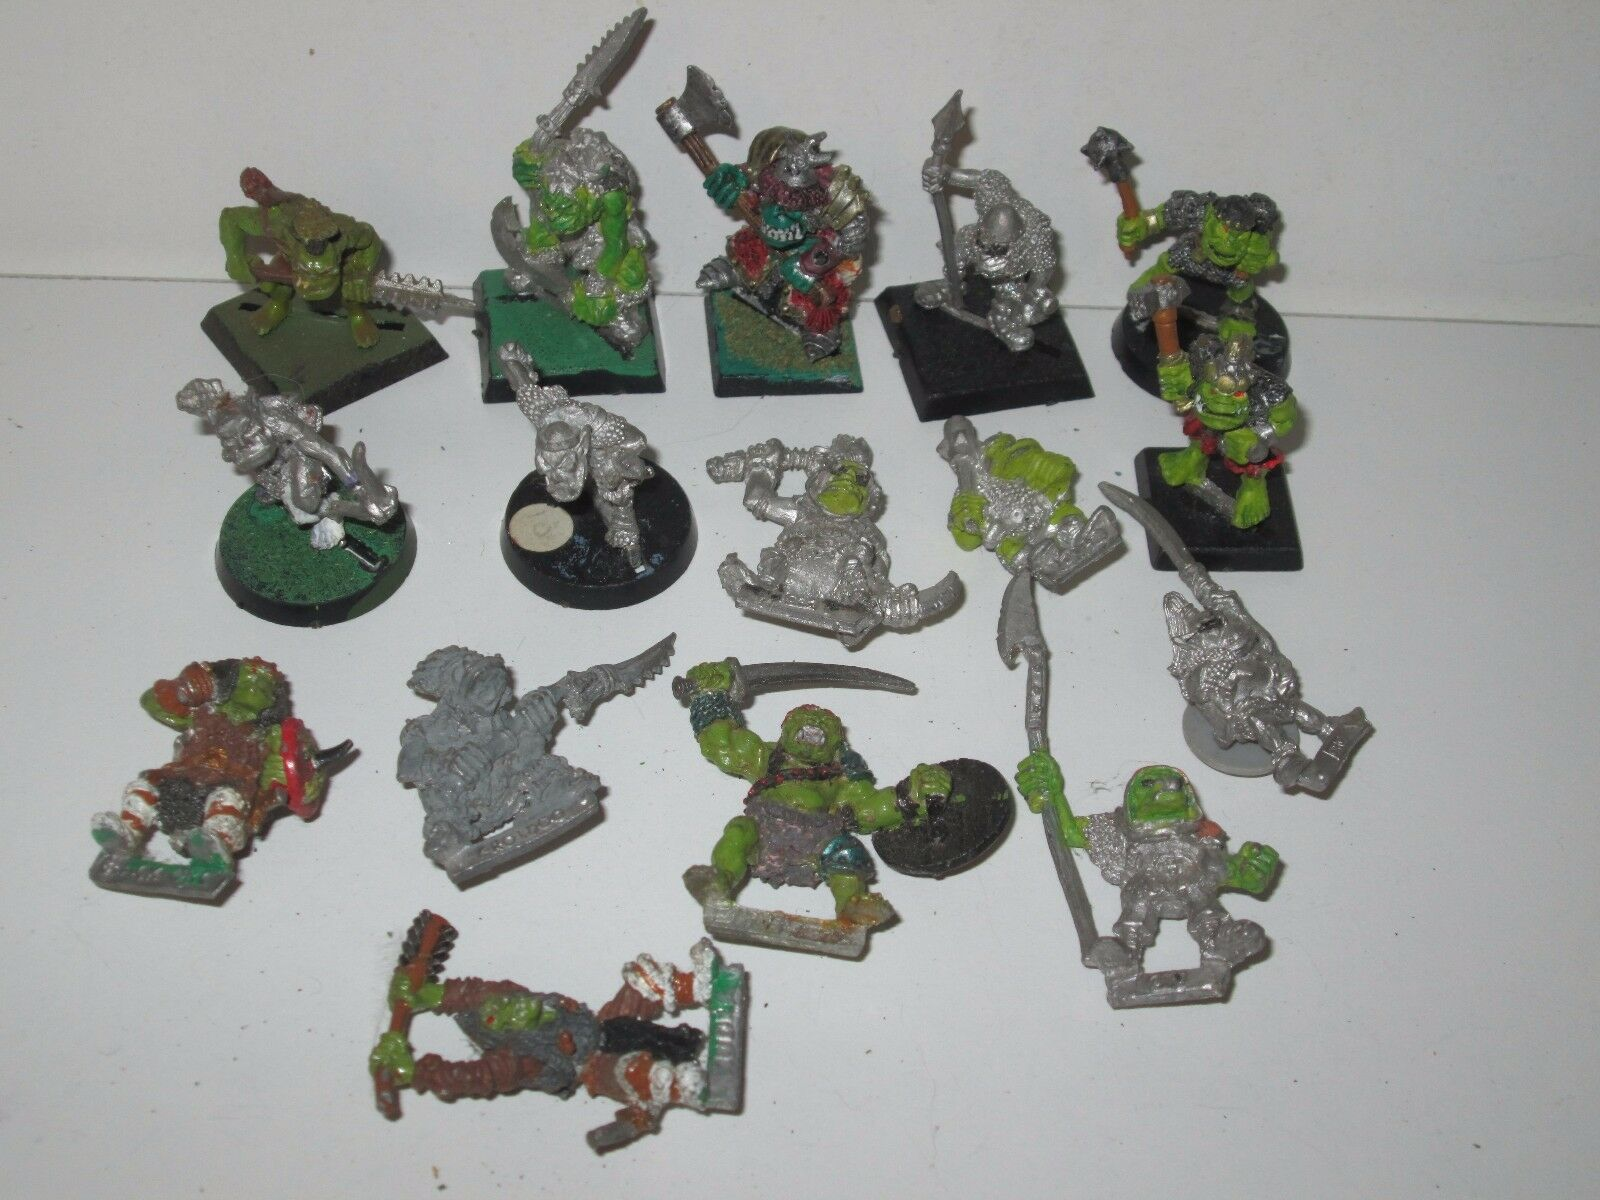 Warhammer Fantasy Orcs and Goblins Marauder Orcs Regiment Warriors x16 metal OOP